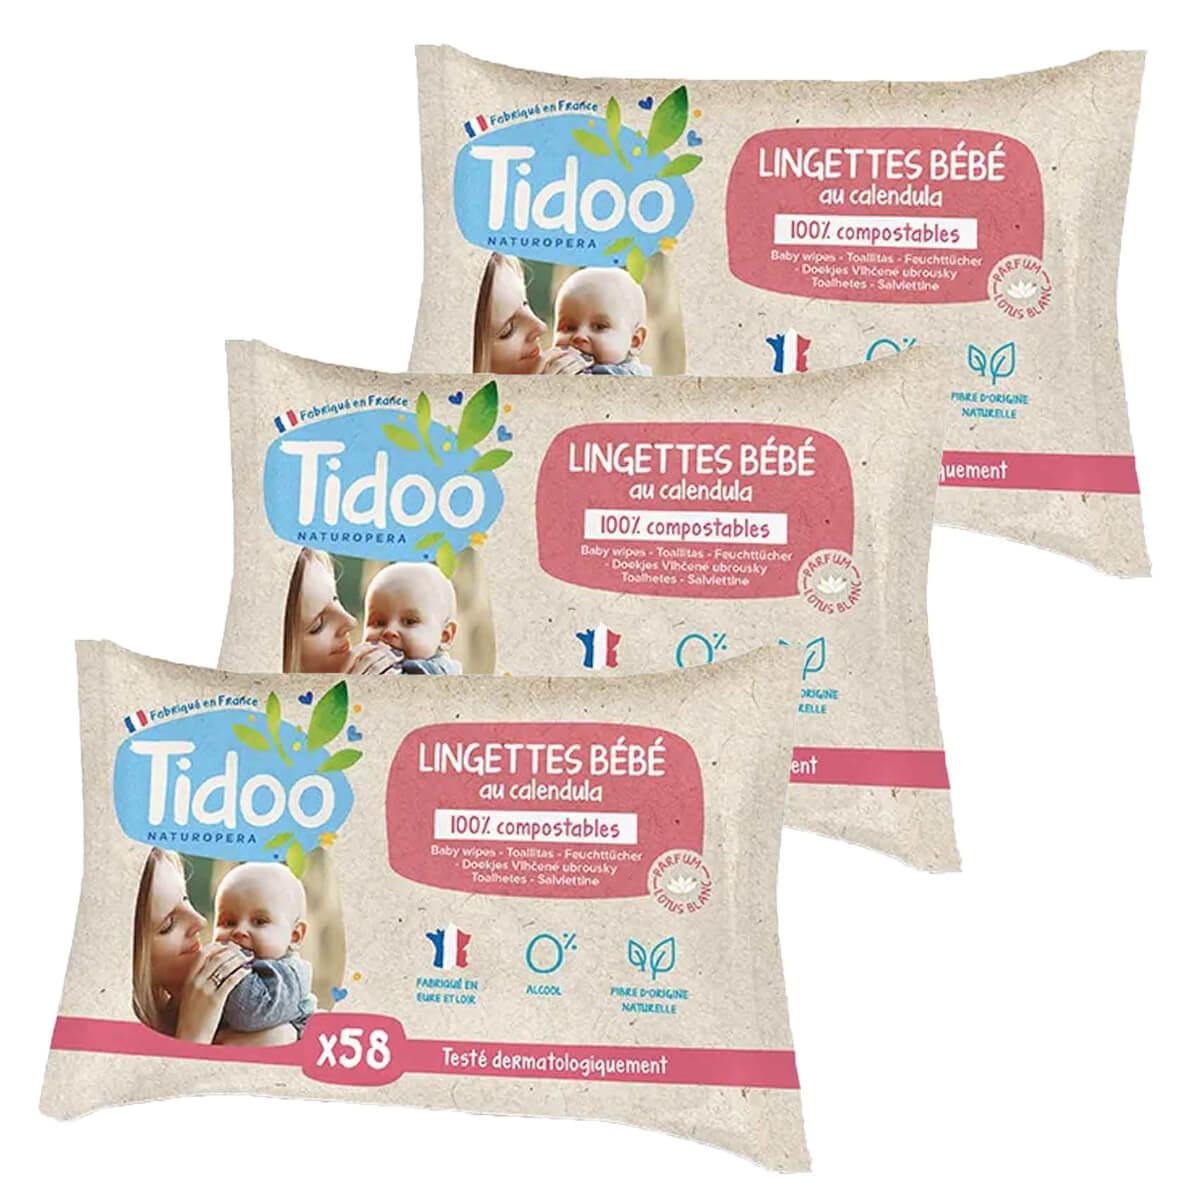 Tidoo - 3x58 Lingettes Bébé Bio Compostables Calendula